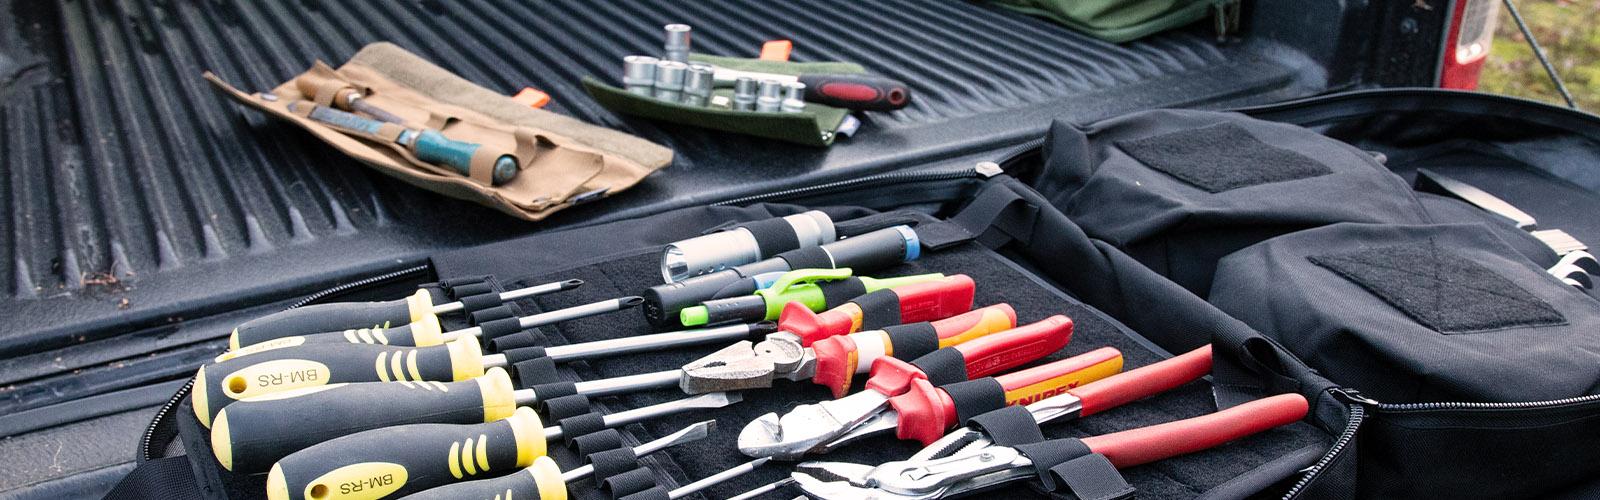 für Werkzeug